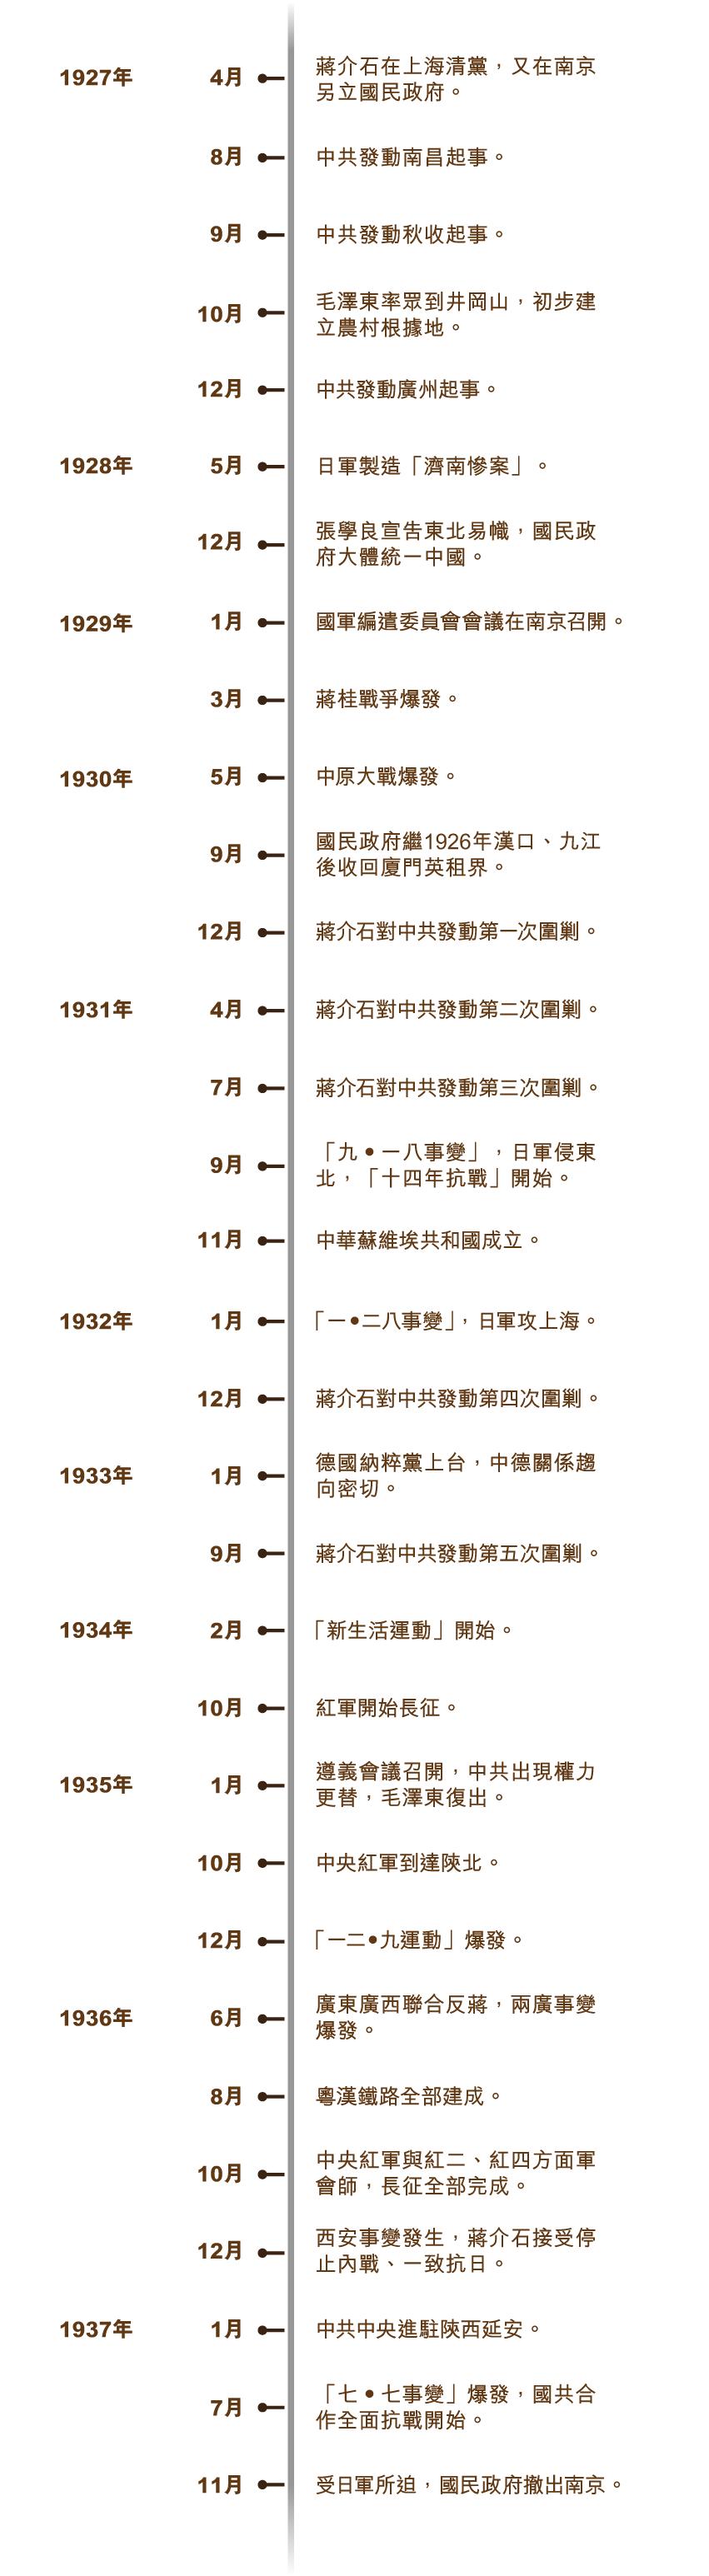 nanjing_timeline_750x715_v1-01